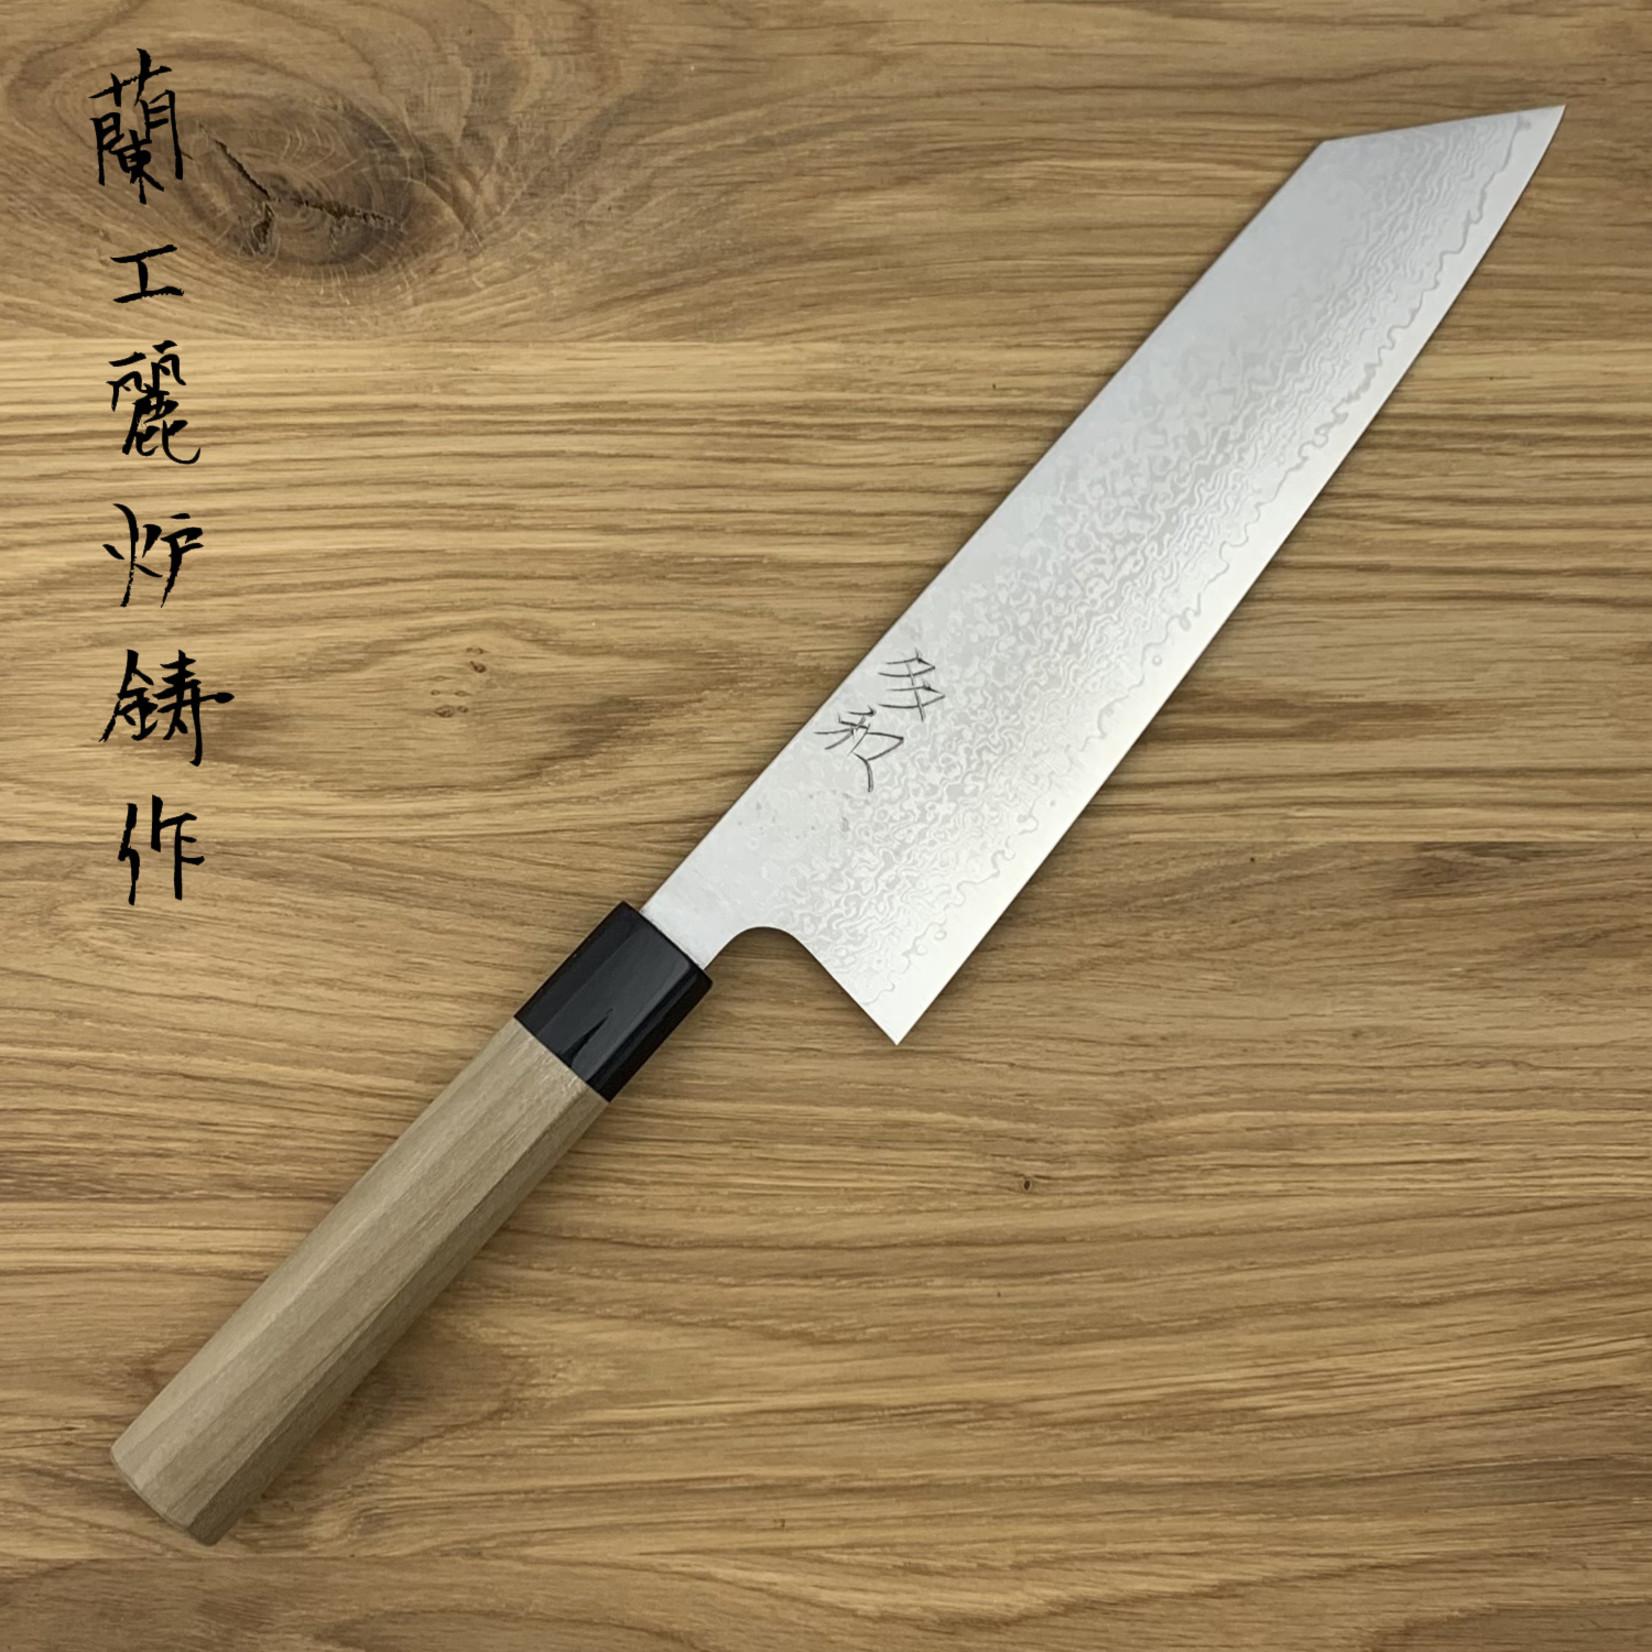 ROOIJ Tawa Gyuto Kiritsuke 240mm TW-VGD-KG240H